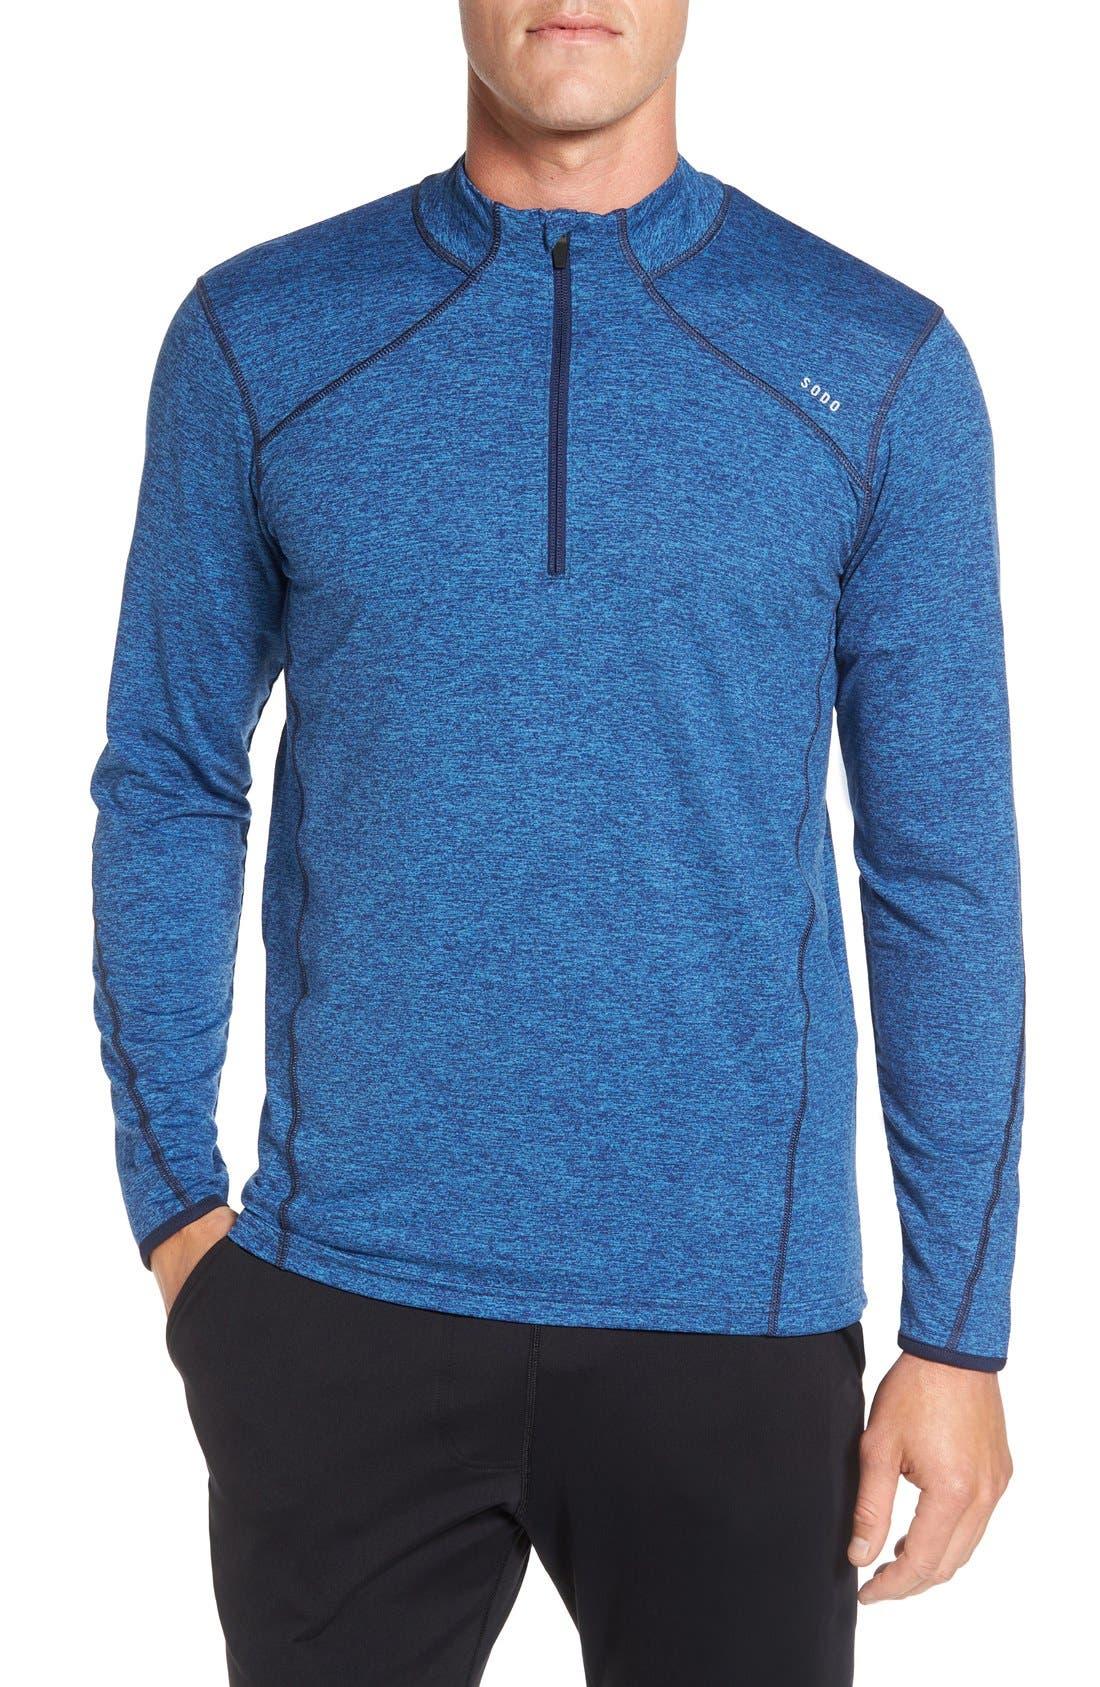 SODO 'Elevate' Moisture Wicking Stretch Quarter Zip Pullover